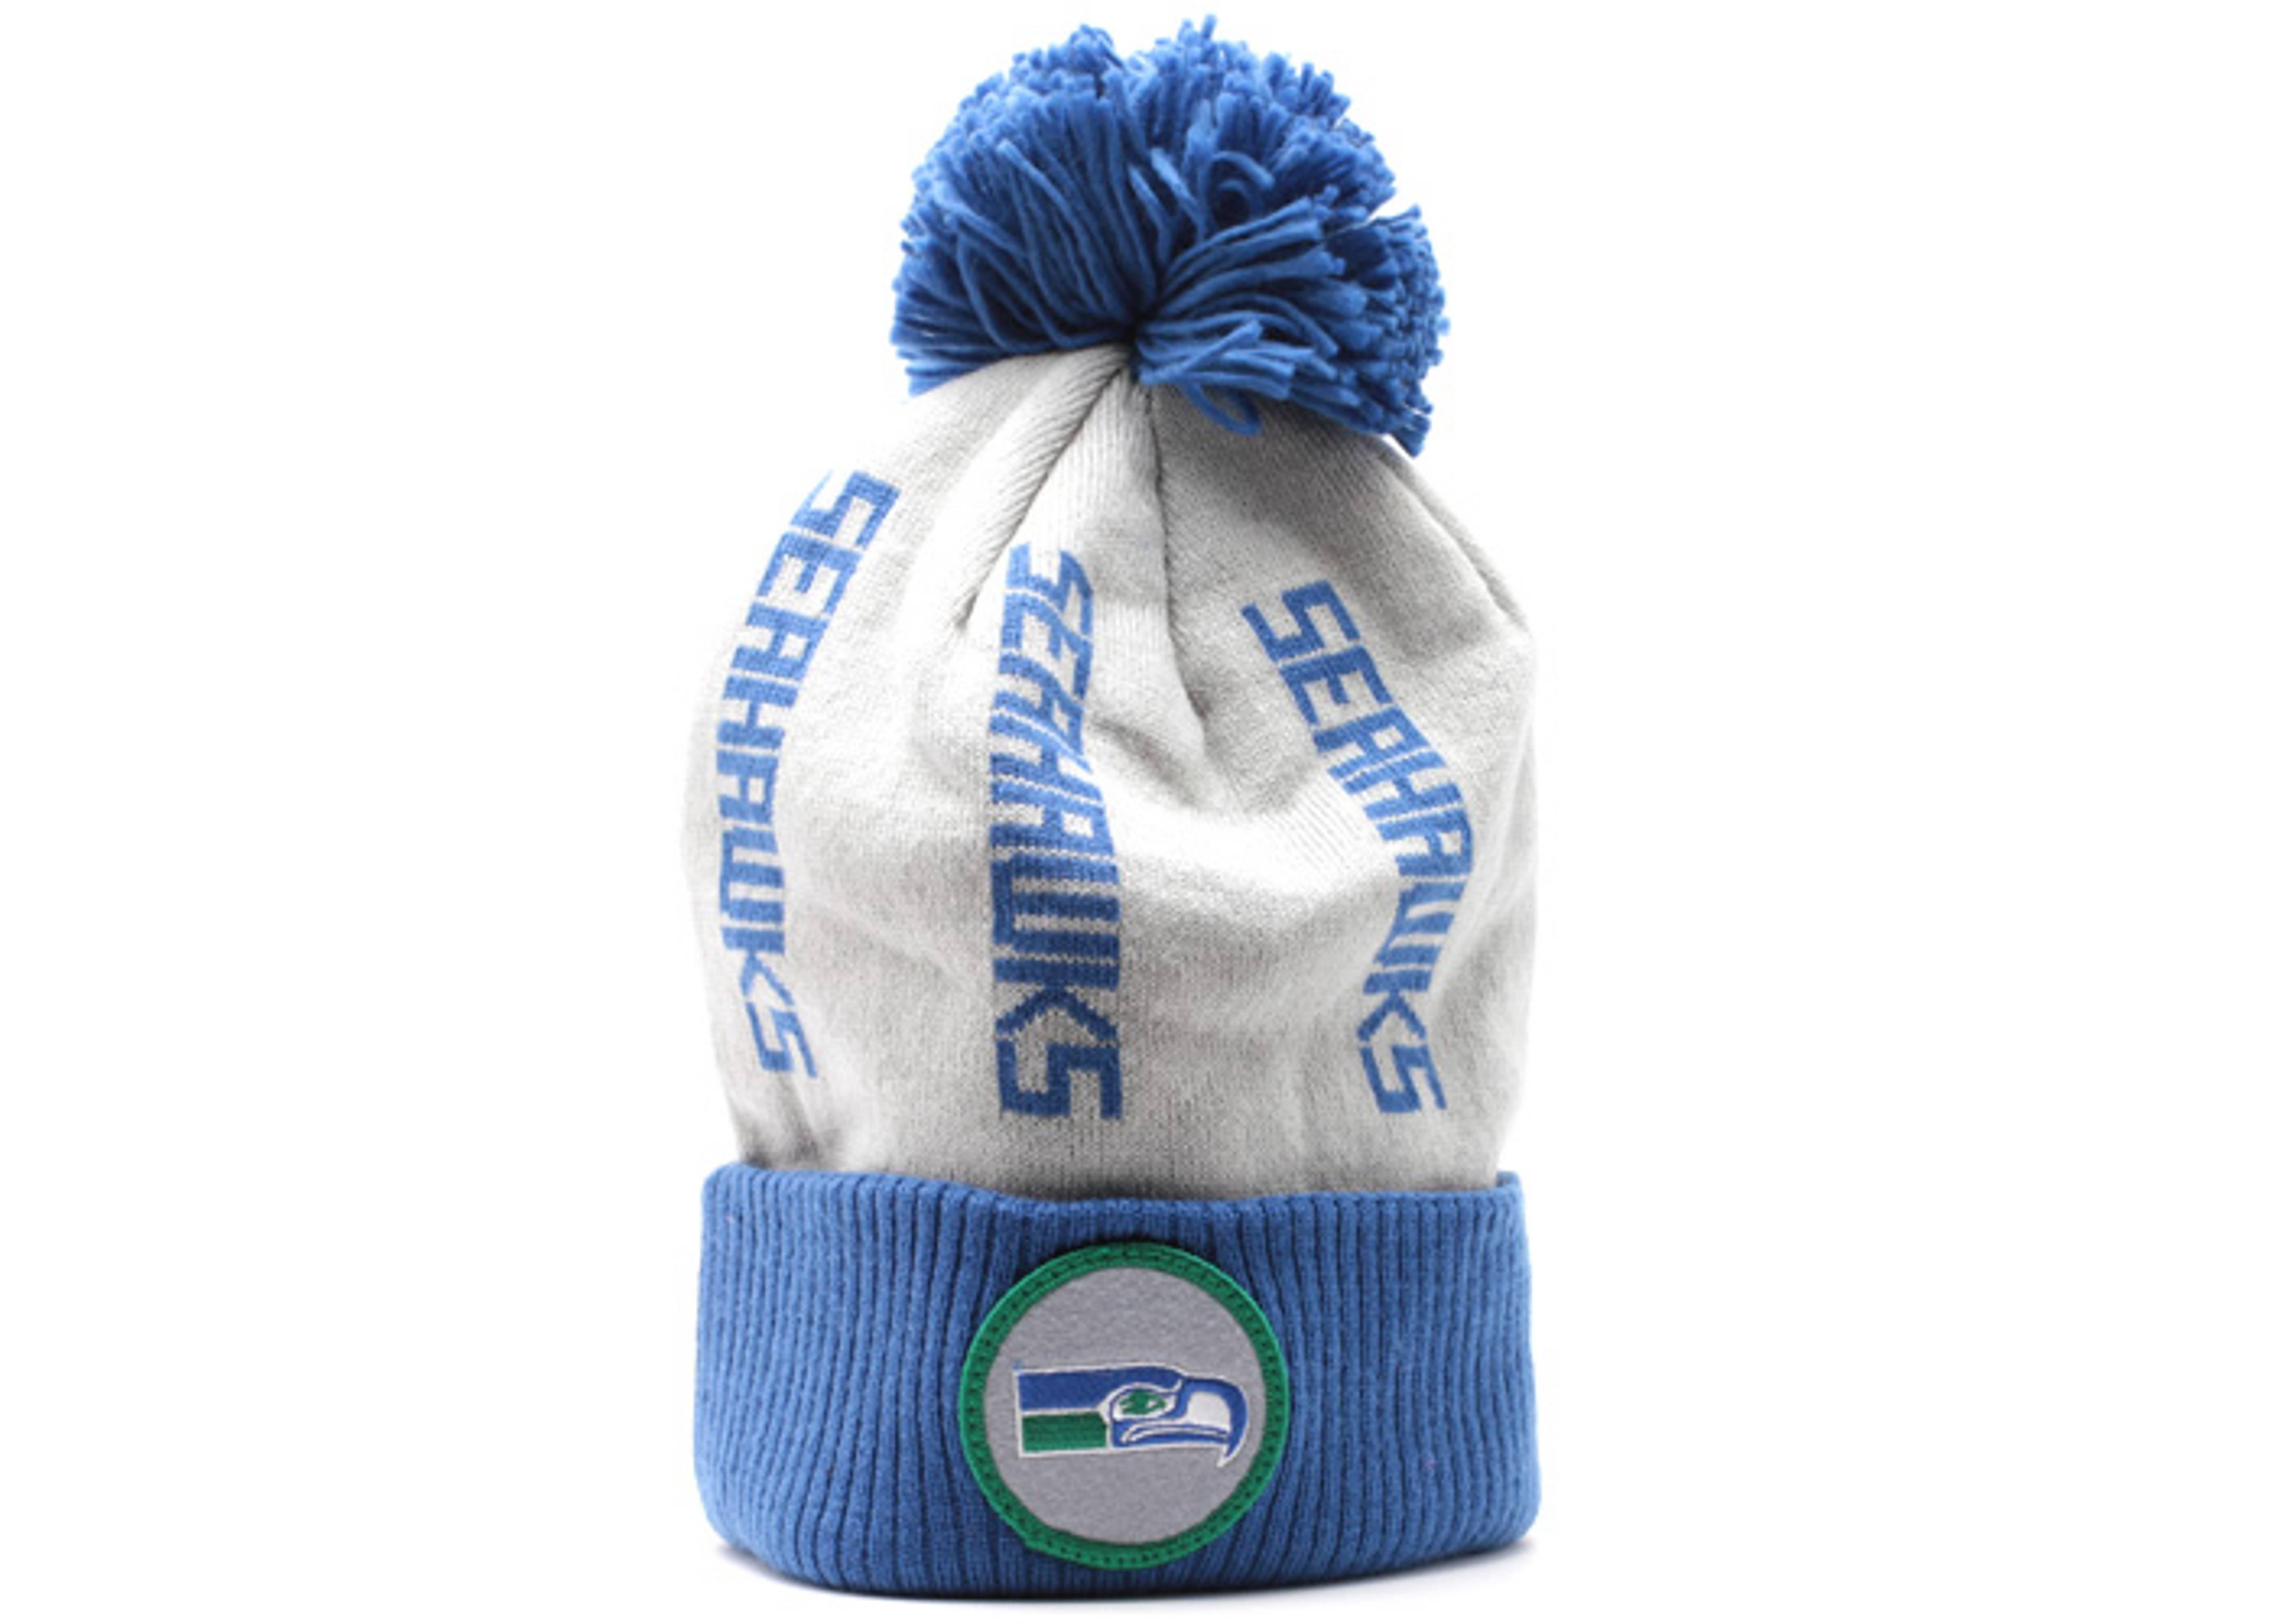 seattle seahawks cuffedpom knit beanie